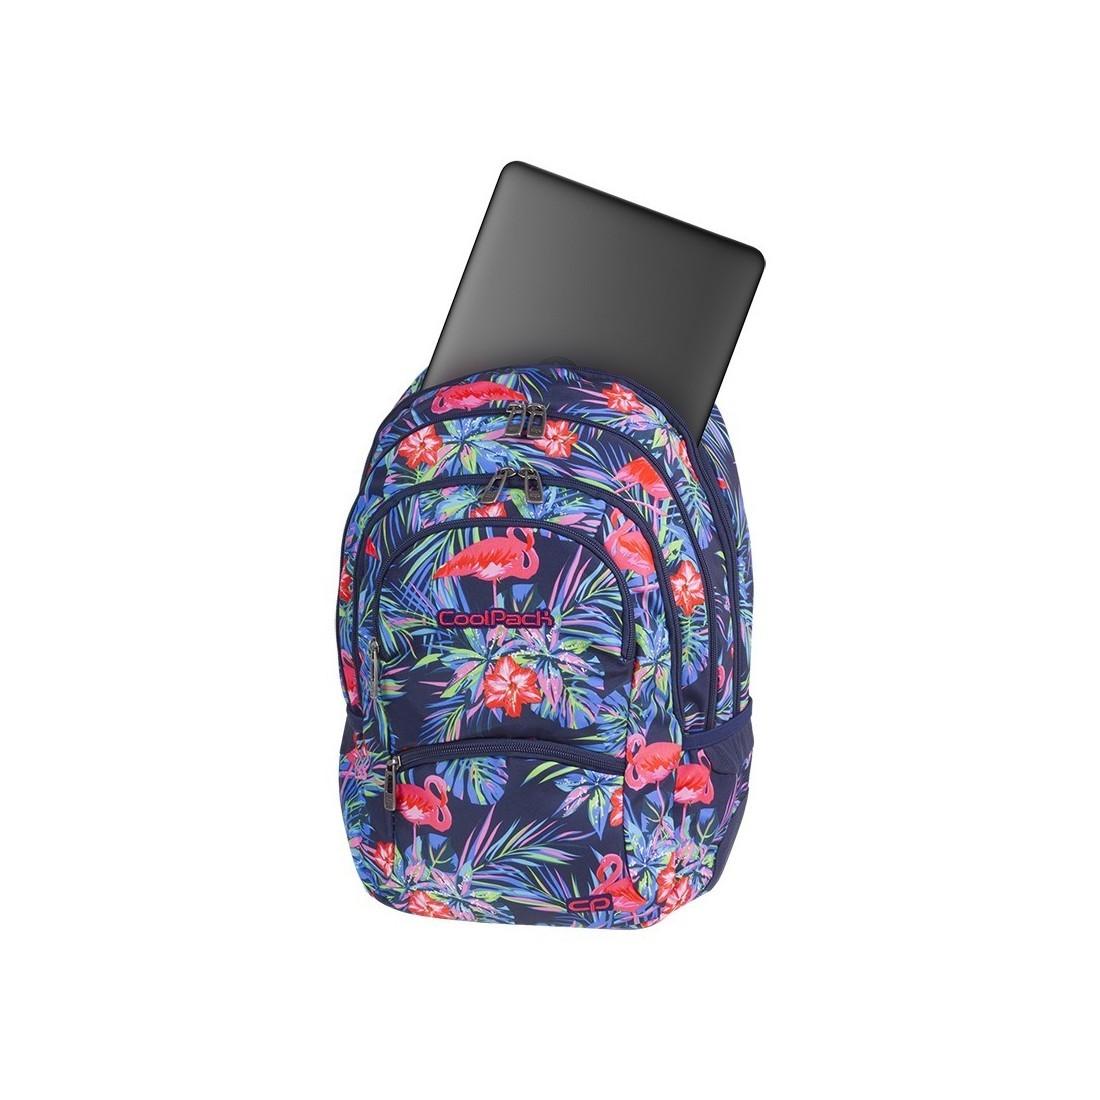 Plecak młodzieżowy CoolPack CP COLLEGE PINK FLAMINGO różowe flamingi kwiaty kieszeń na laptop - 5 przegród - A478